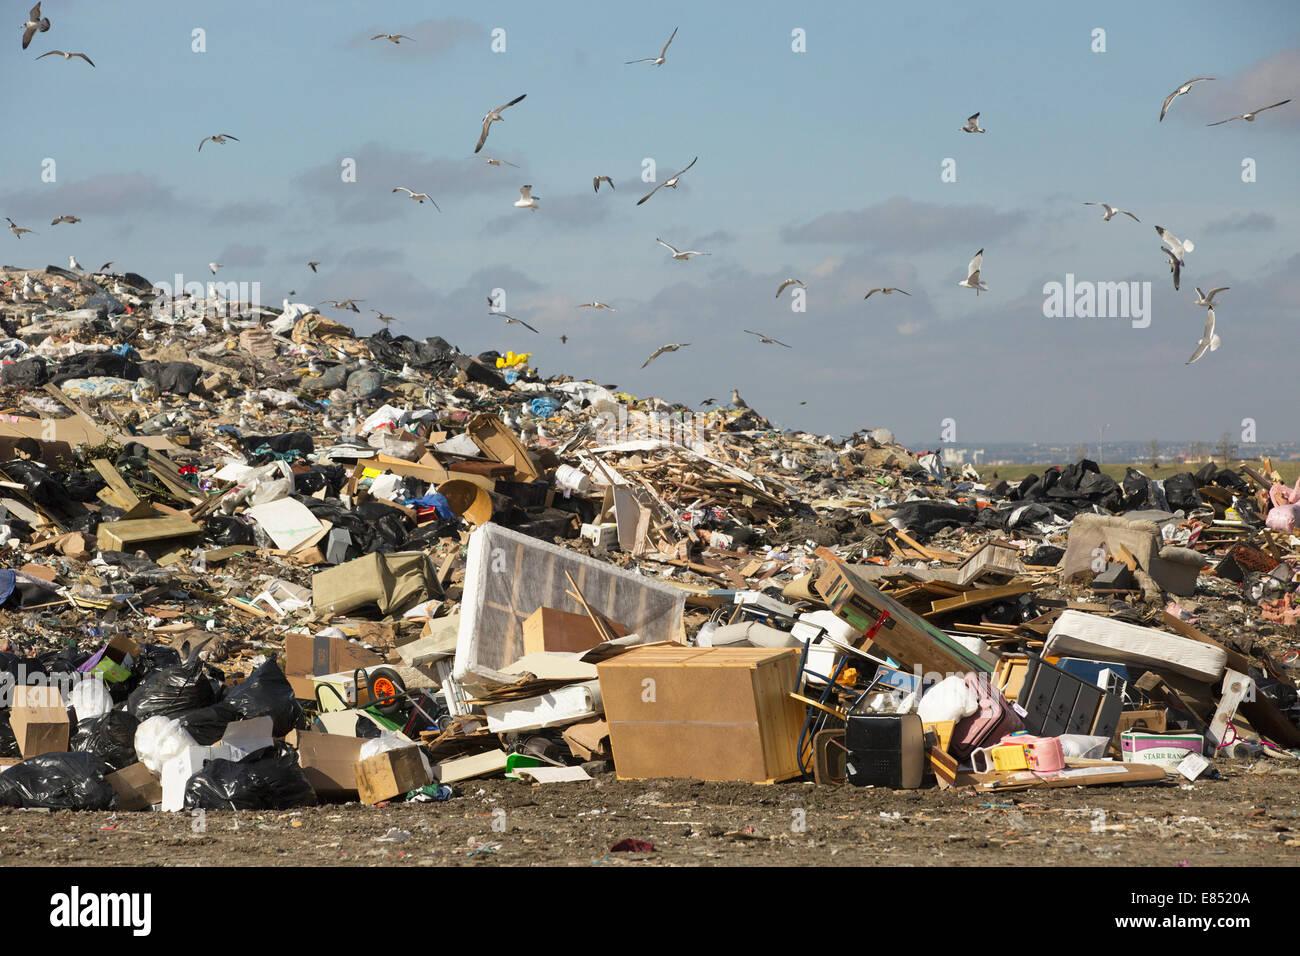 Attiva cella di discarica di rifiuti Shepard Management Facility. Immagini Stock